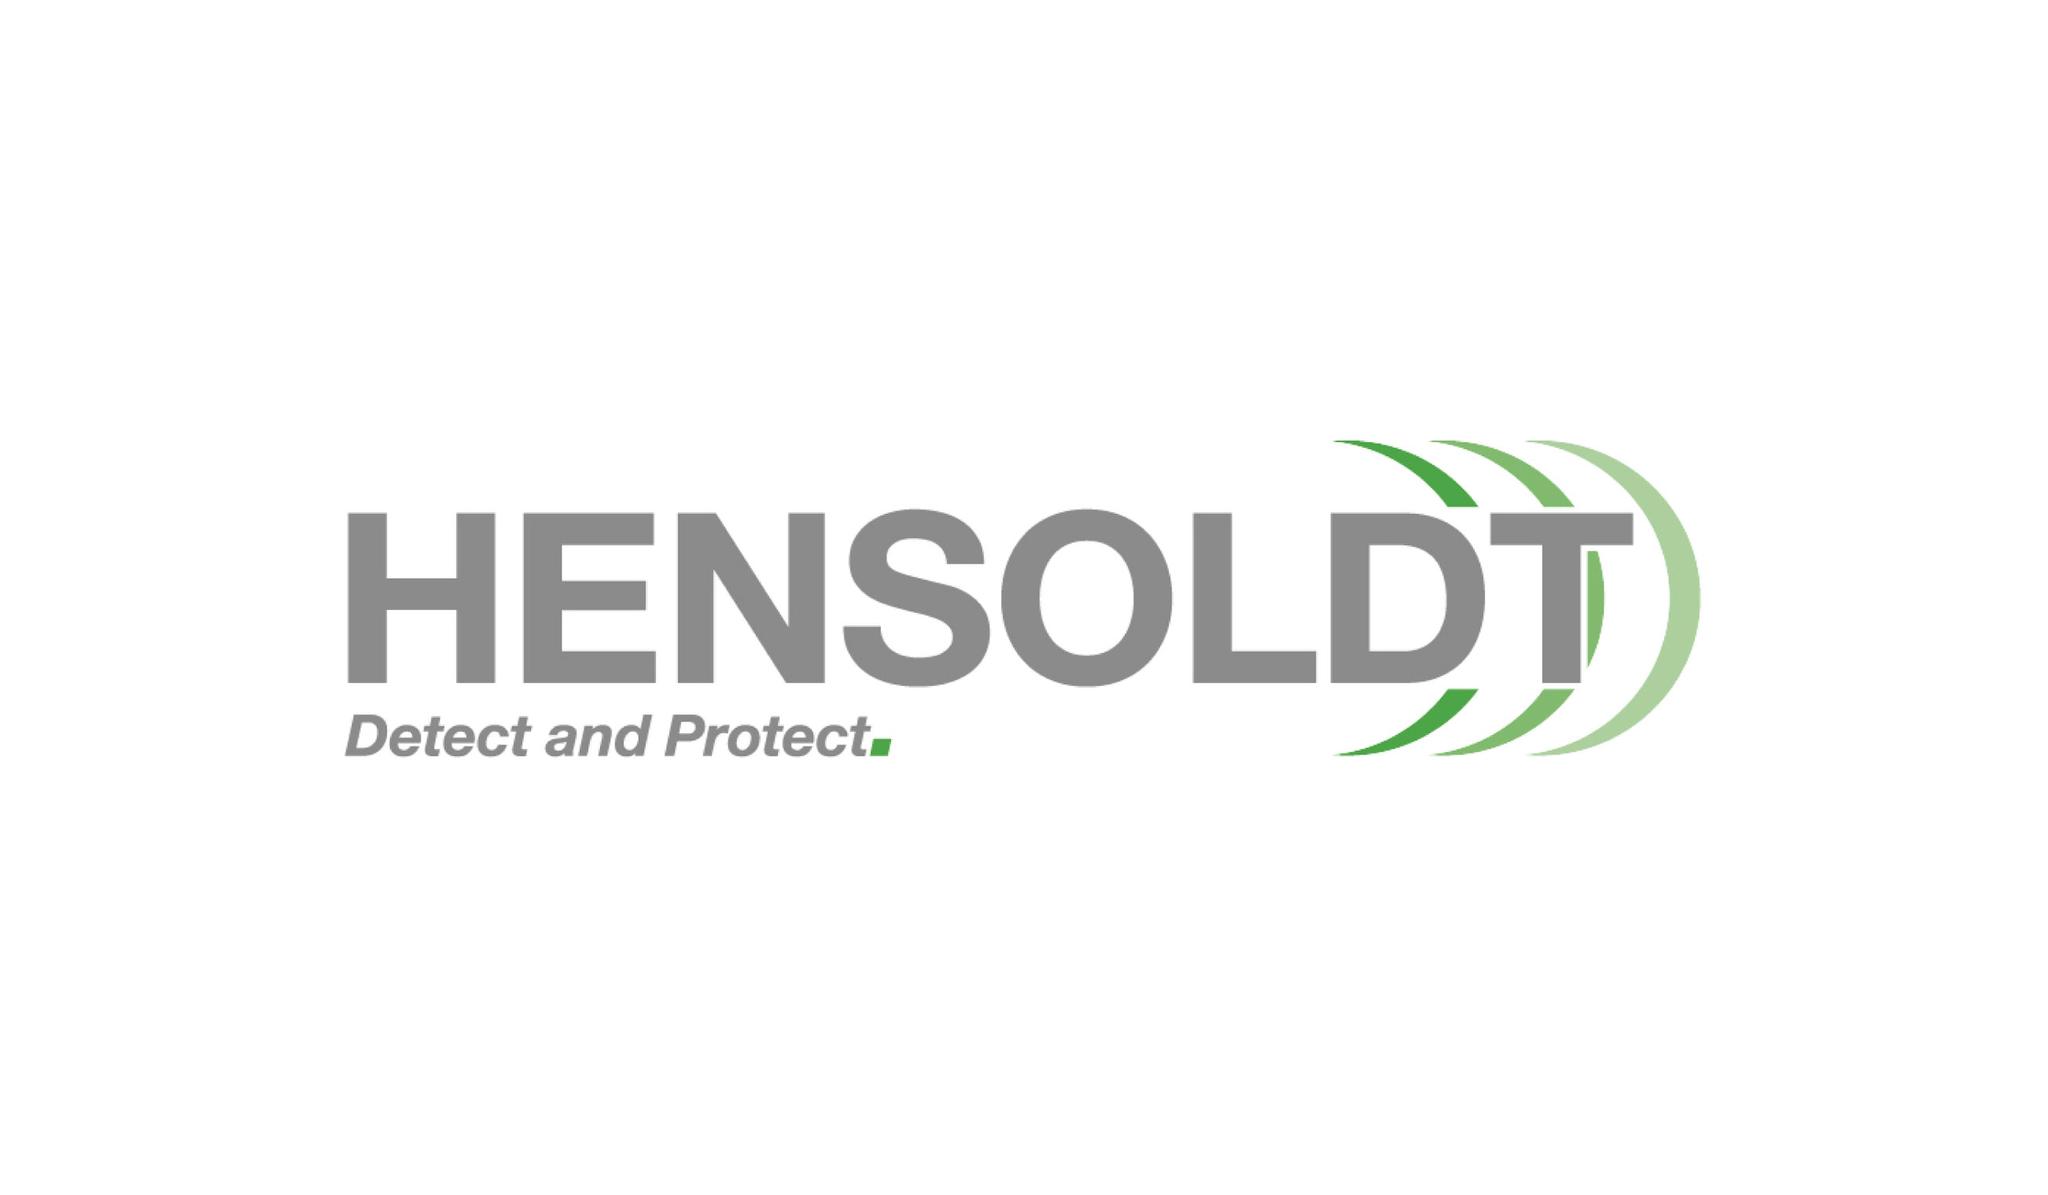 Hensoldt logo